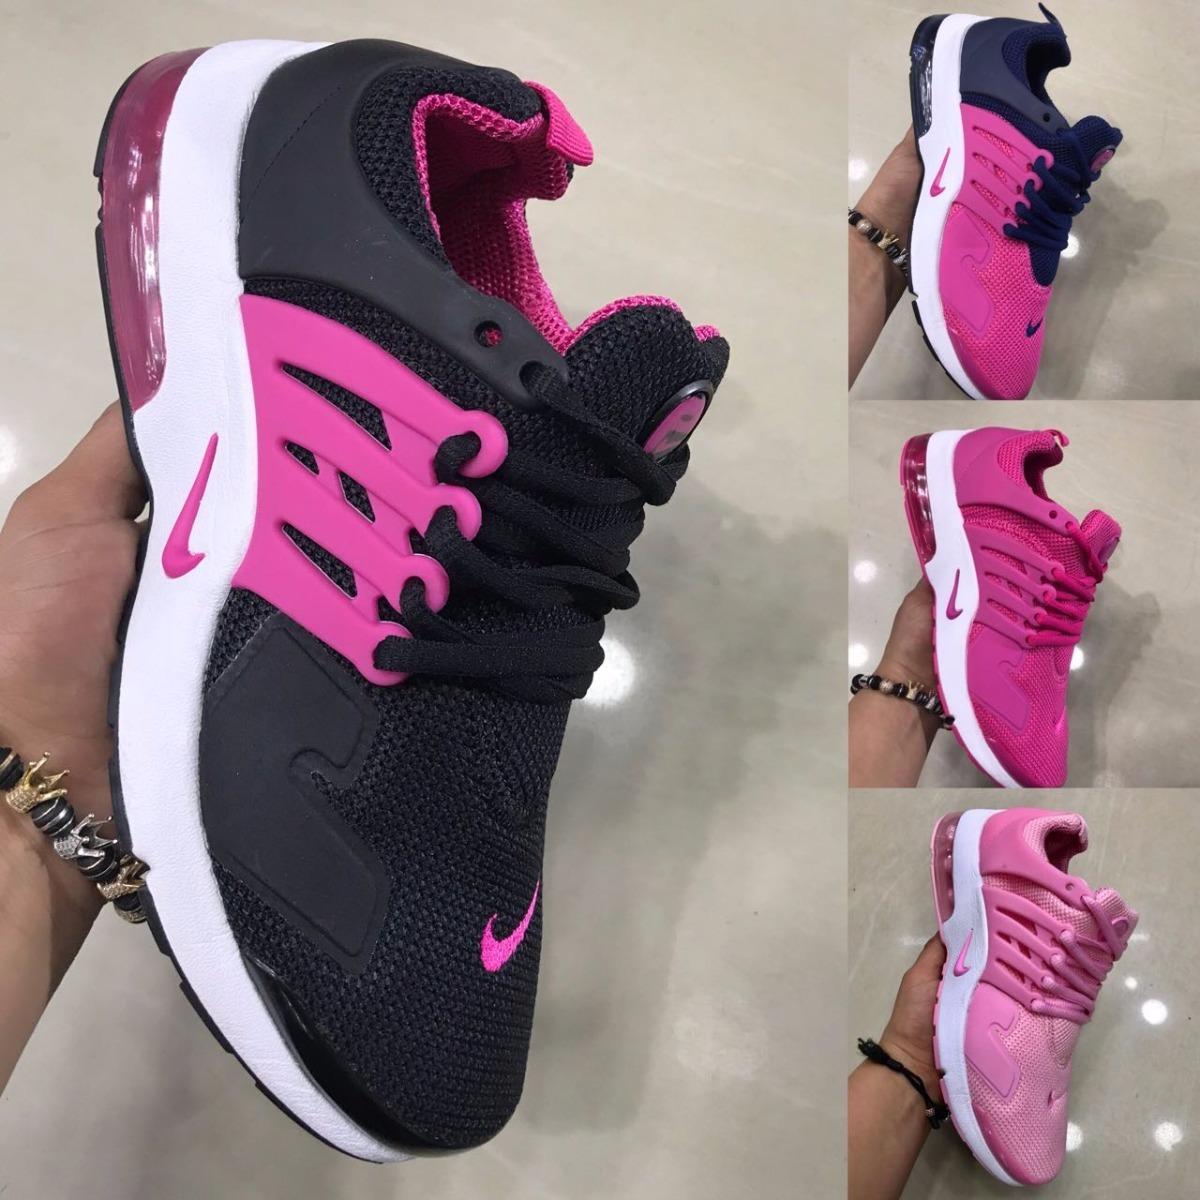 21ac9c269dc48 Tenis Zapatllas Nike Air Max Presto Mujer Nueva Coleccion ...